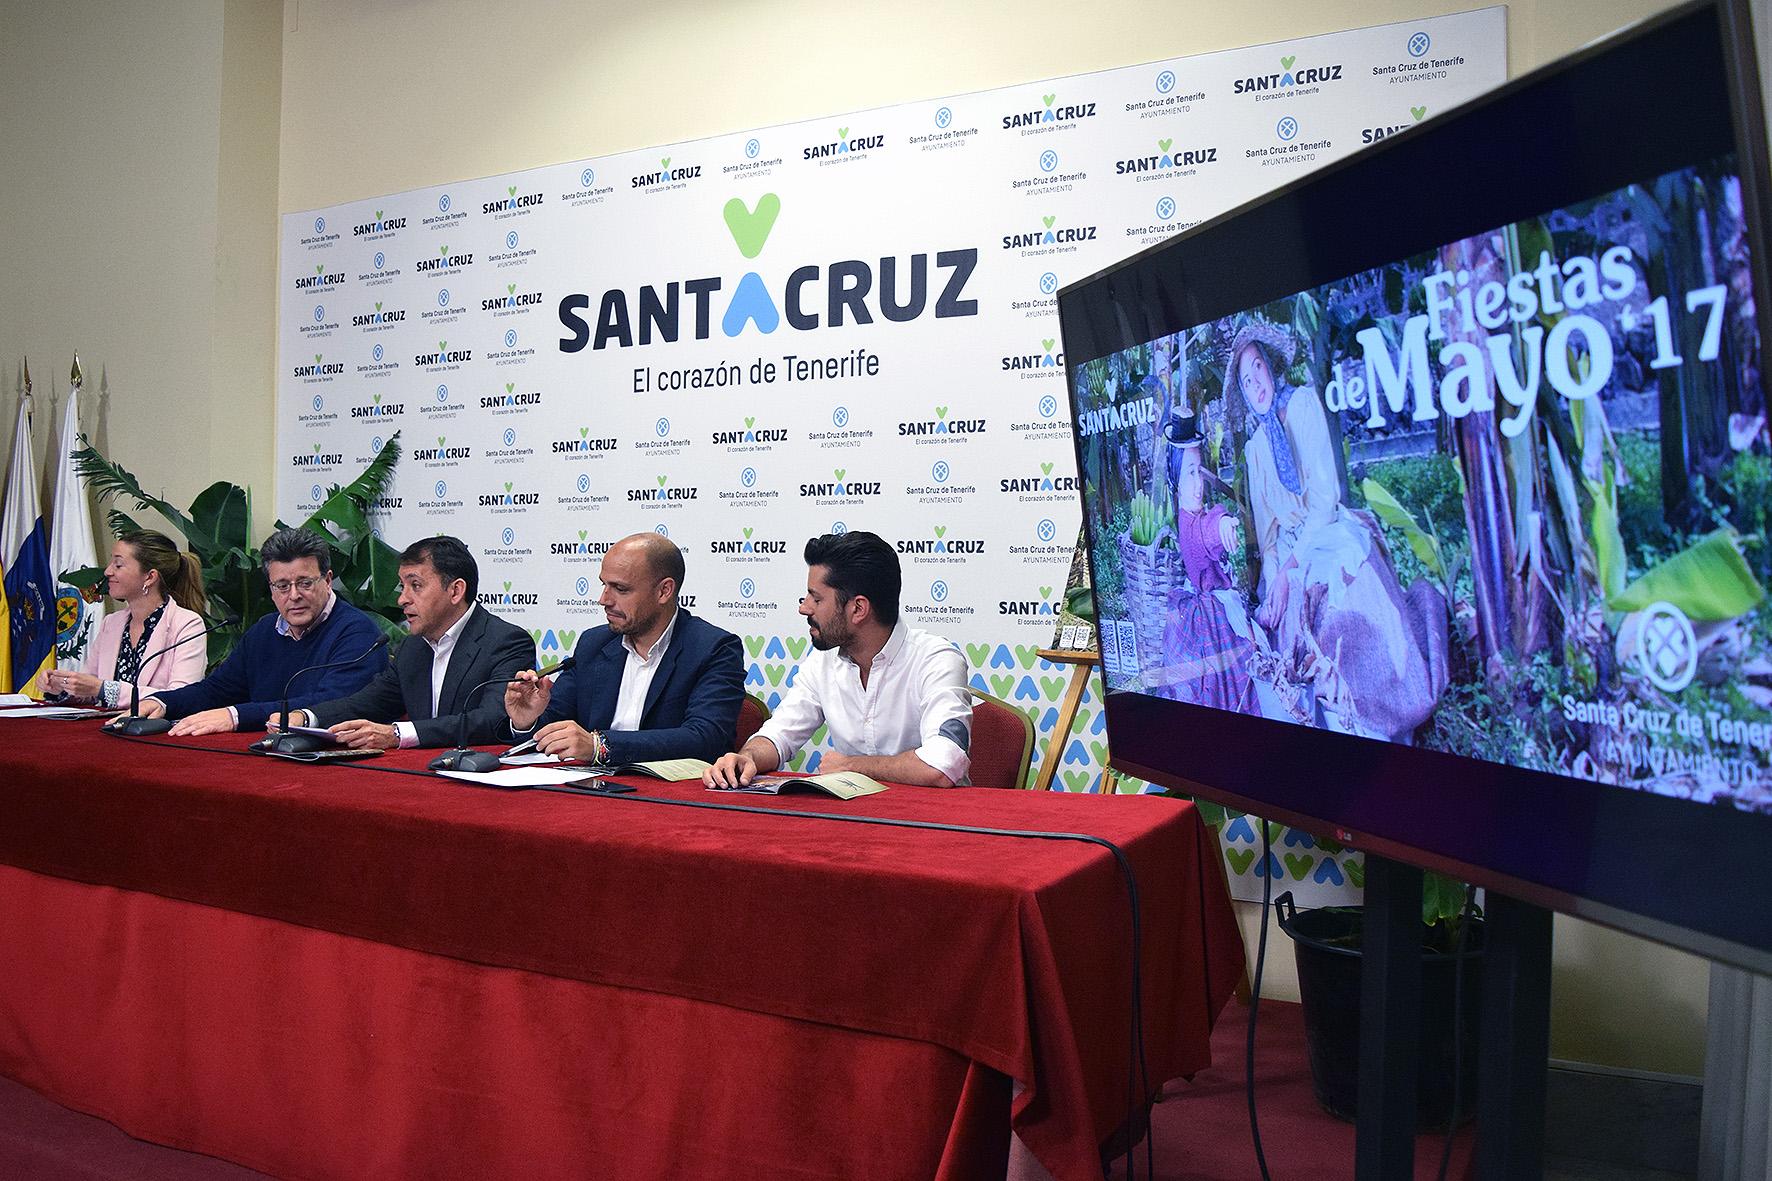 Presentación de las Fiestas de Mayo en Santa Cruz de Tenerife